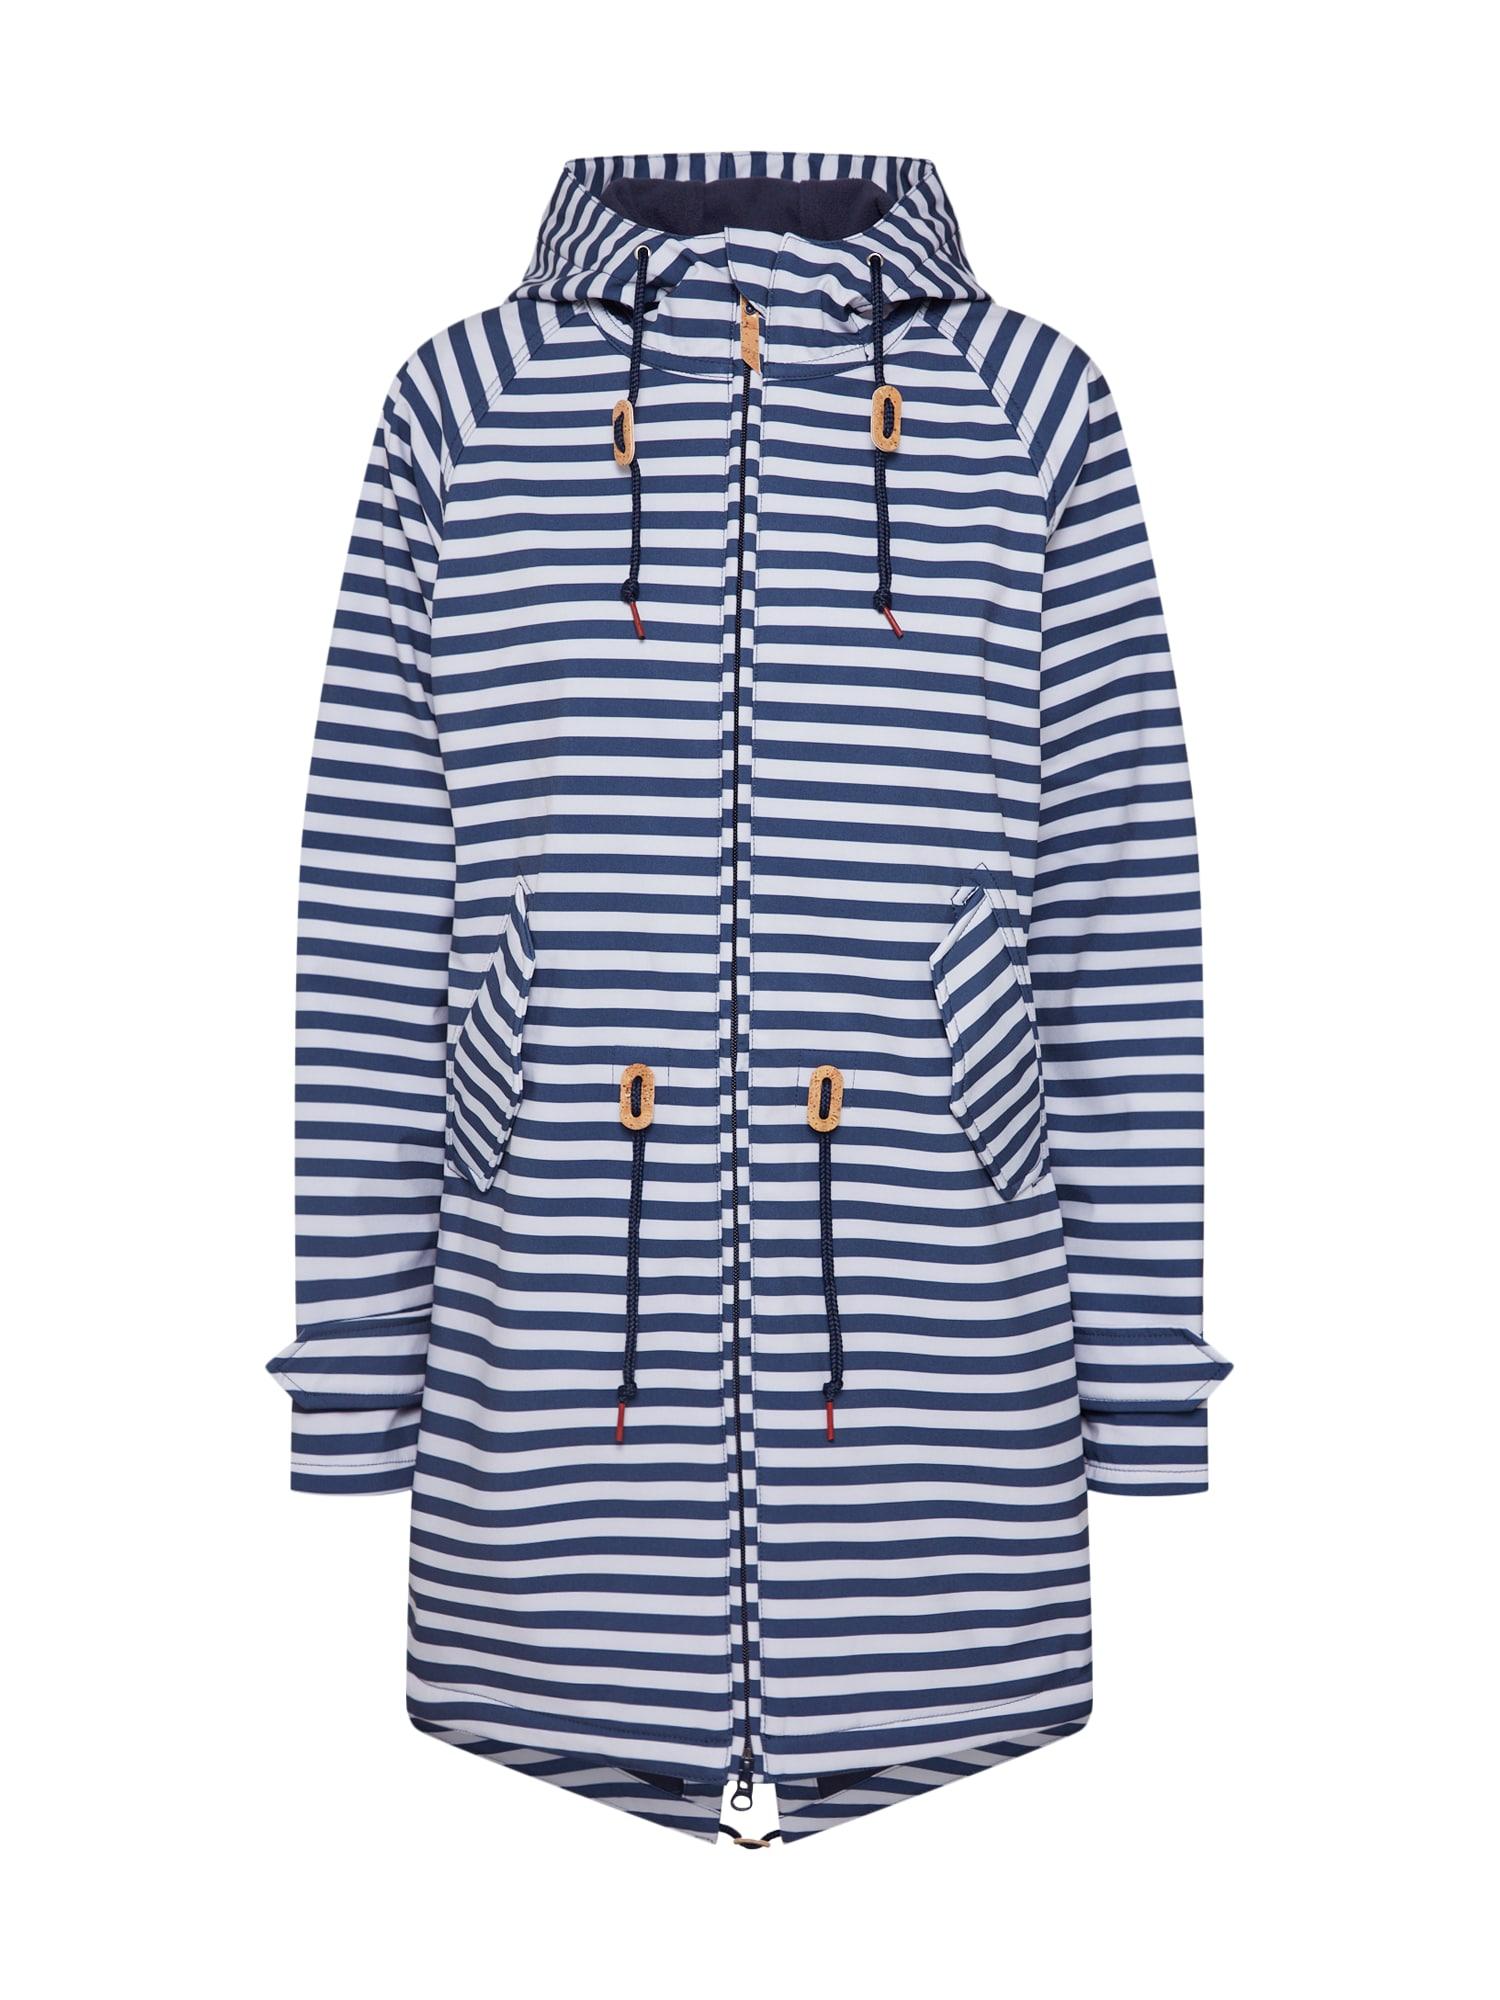 Přechodný kabát Island Friese modrá námořnická modř bílá Derbe